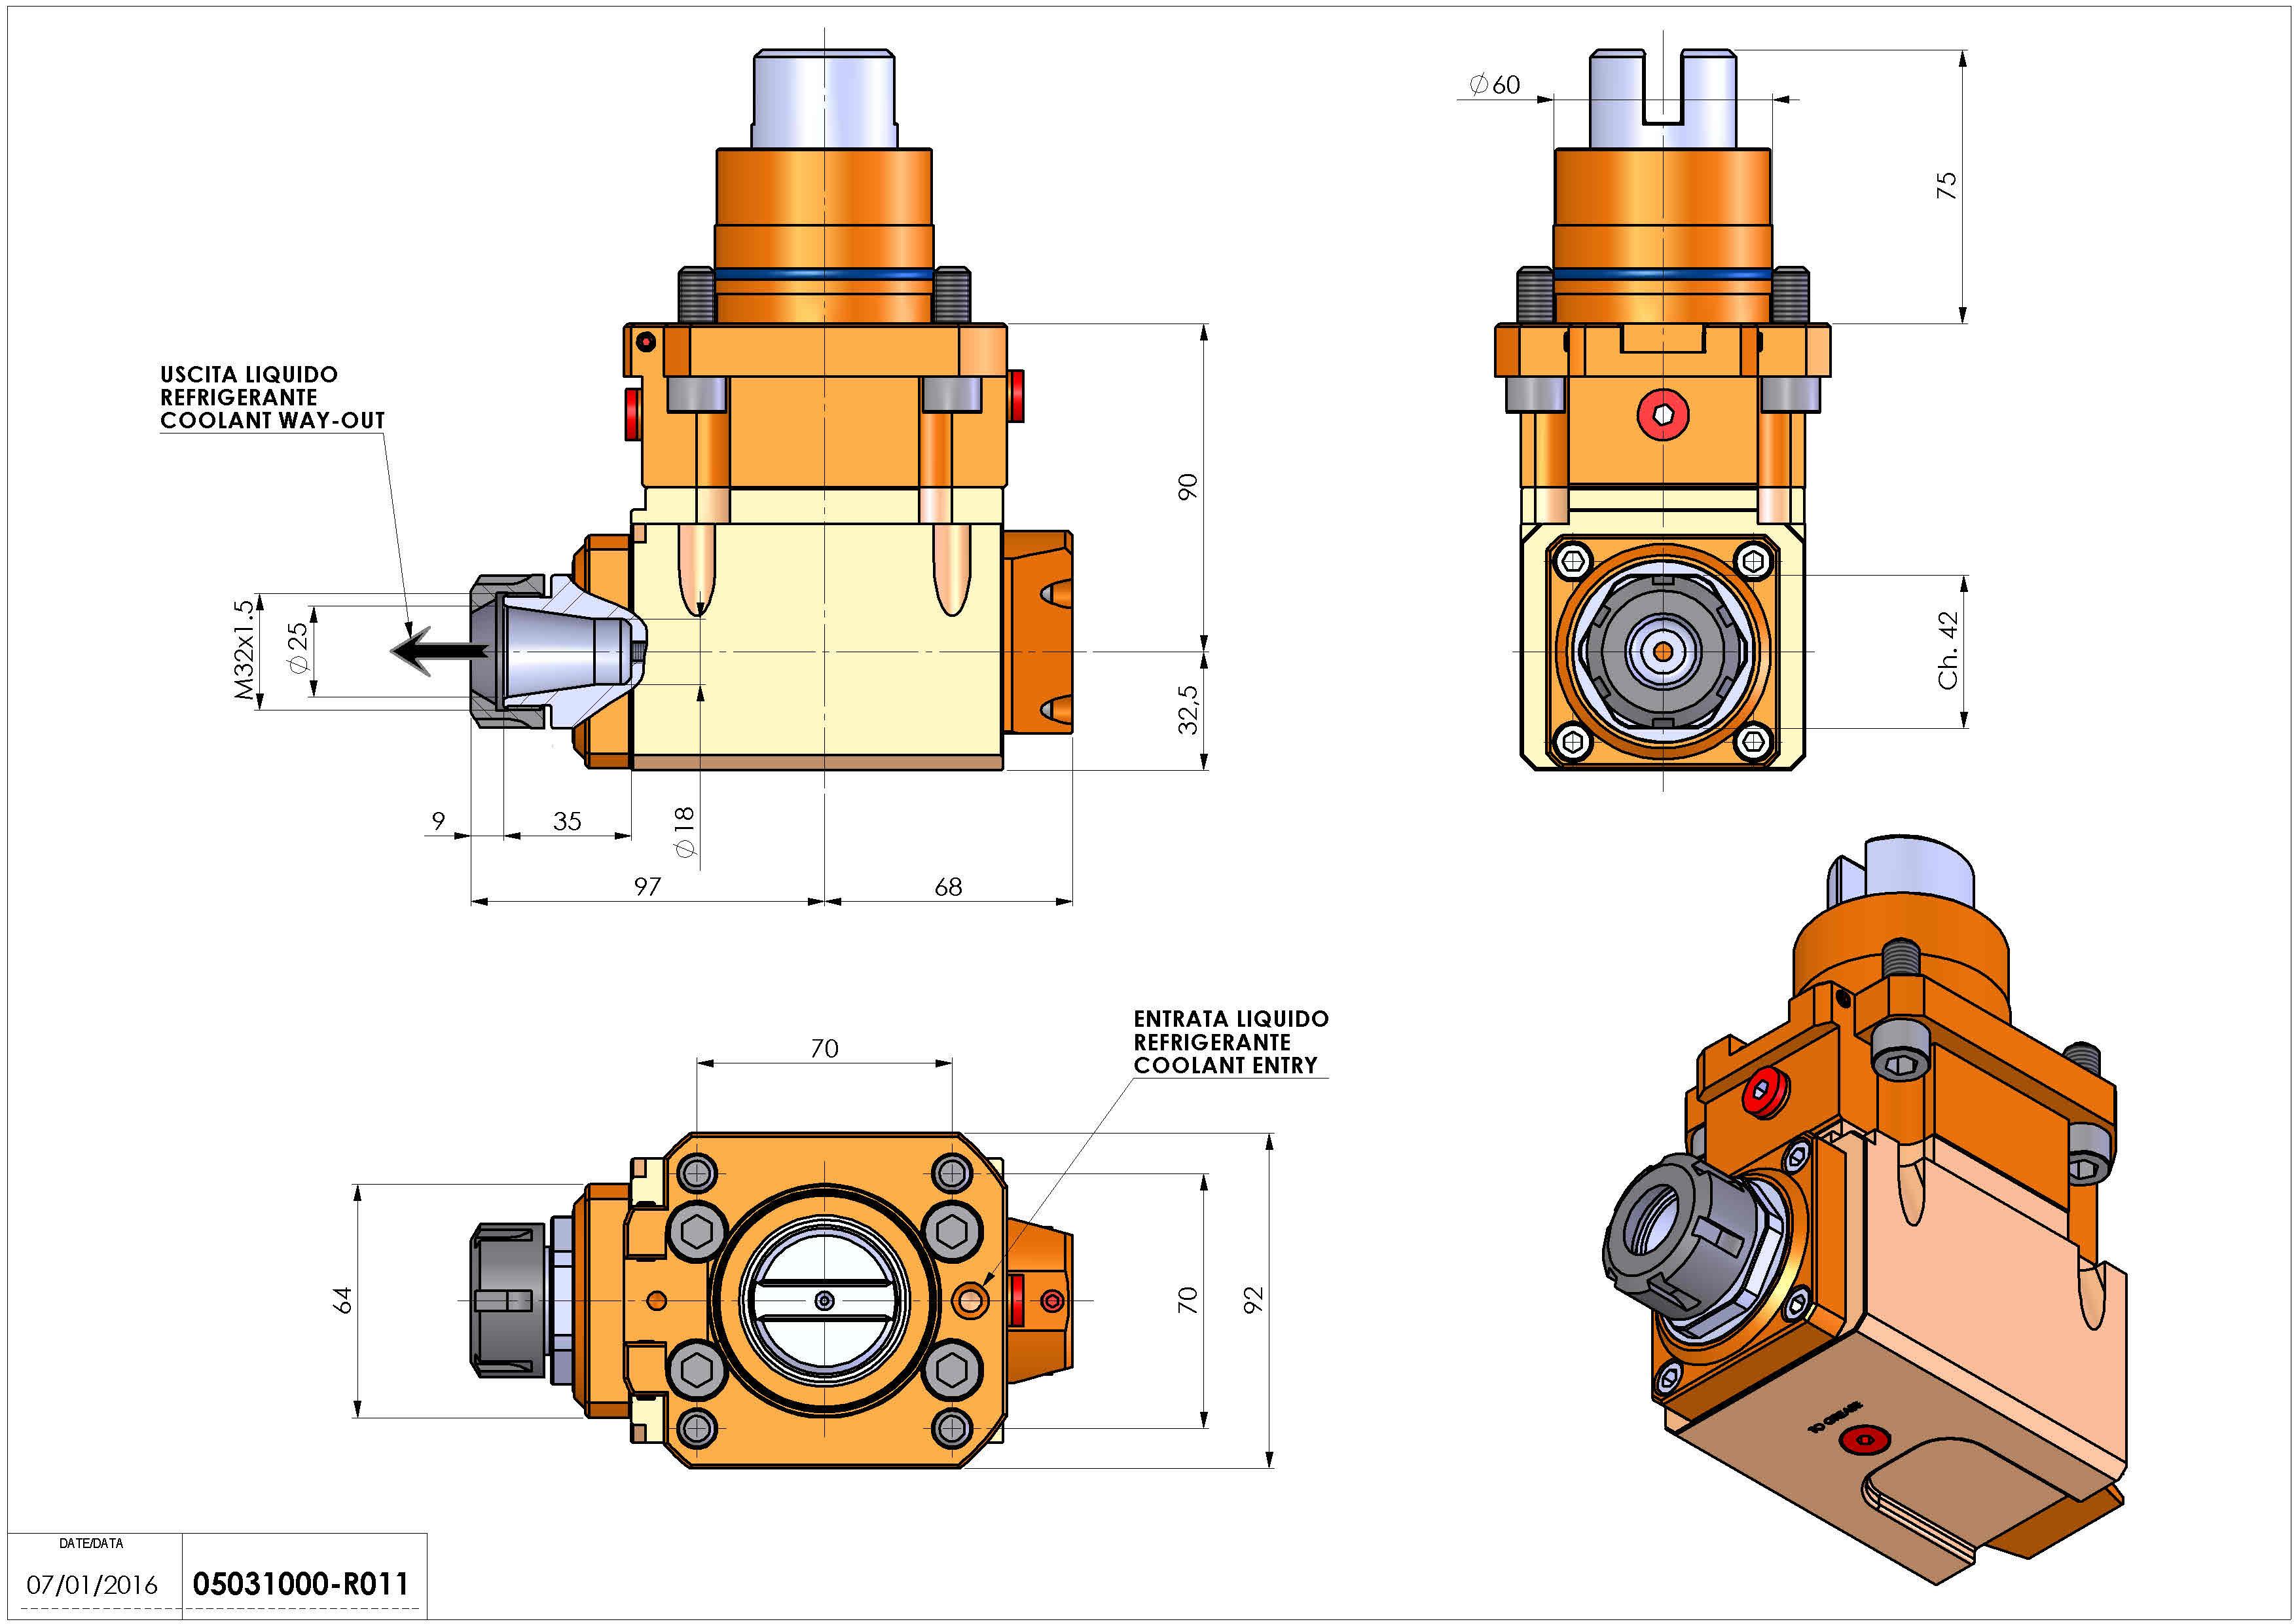 Technical image - LT-A D60 ER25 L 1:2 RF H90 TW.